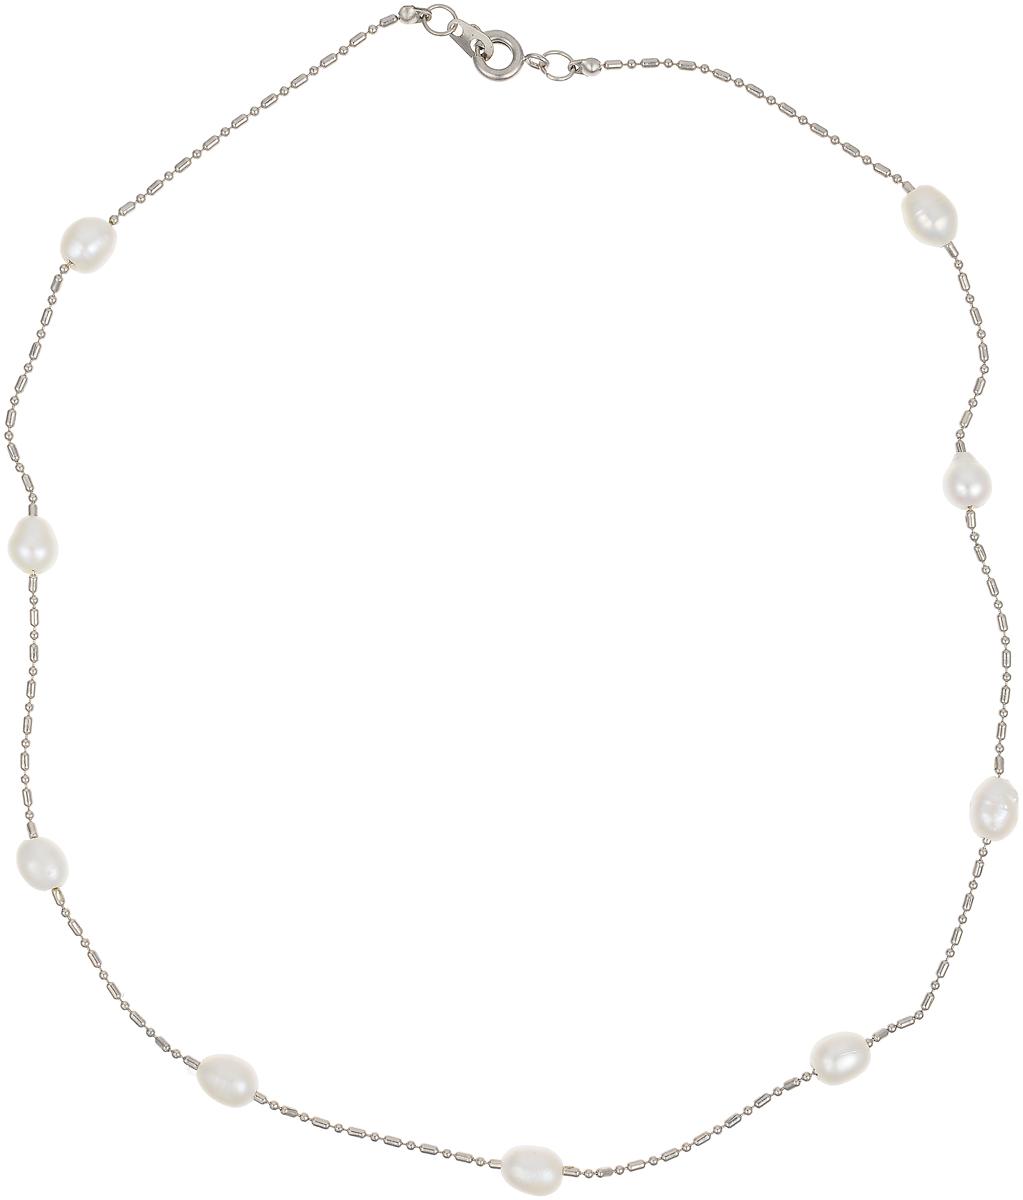 Цепочка Art-Silver, цвет: серебряный, белый. N240216-250N240216-250Женская цепочка Art-Silver выполнена из бижутерного сплава и жемчуга. Цепочка застегивается на замок-карабин. В комплекте с украшением поставляется мешочек для хранения.